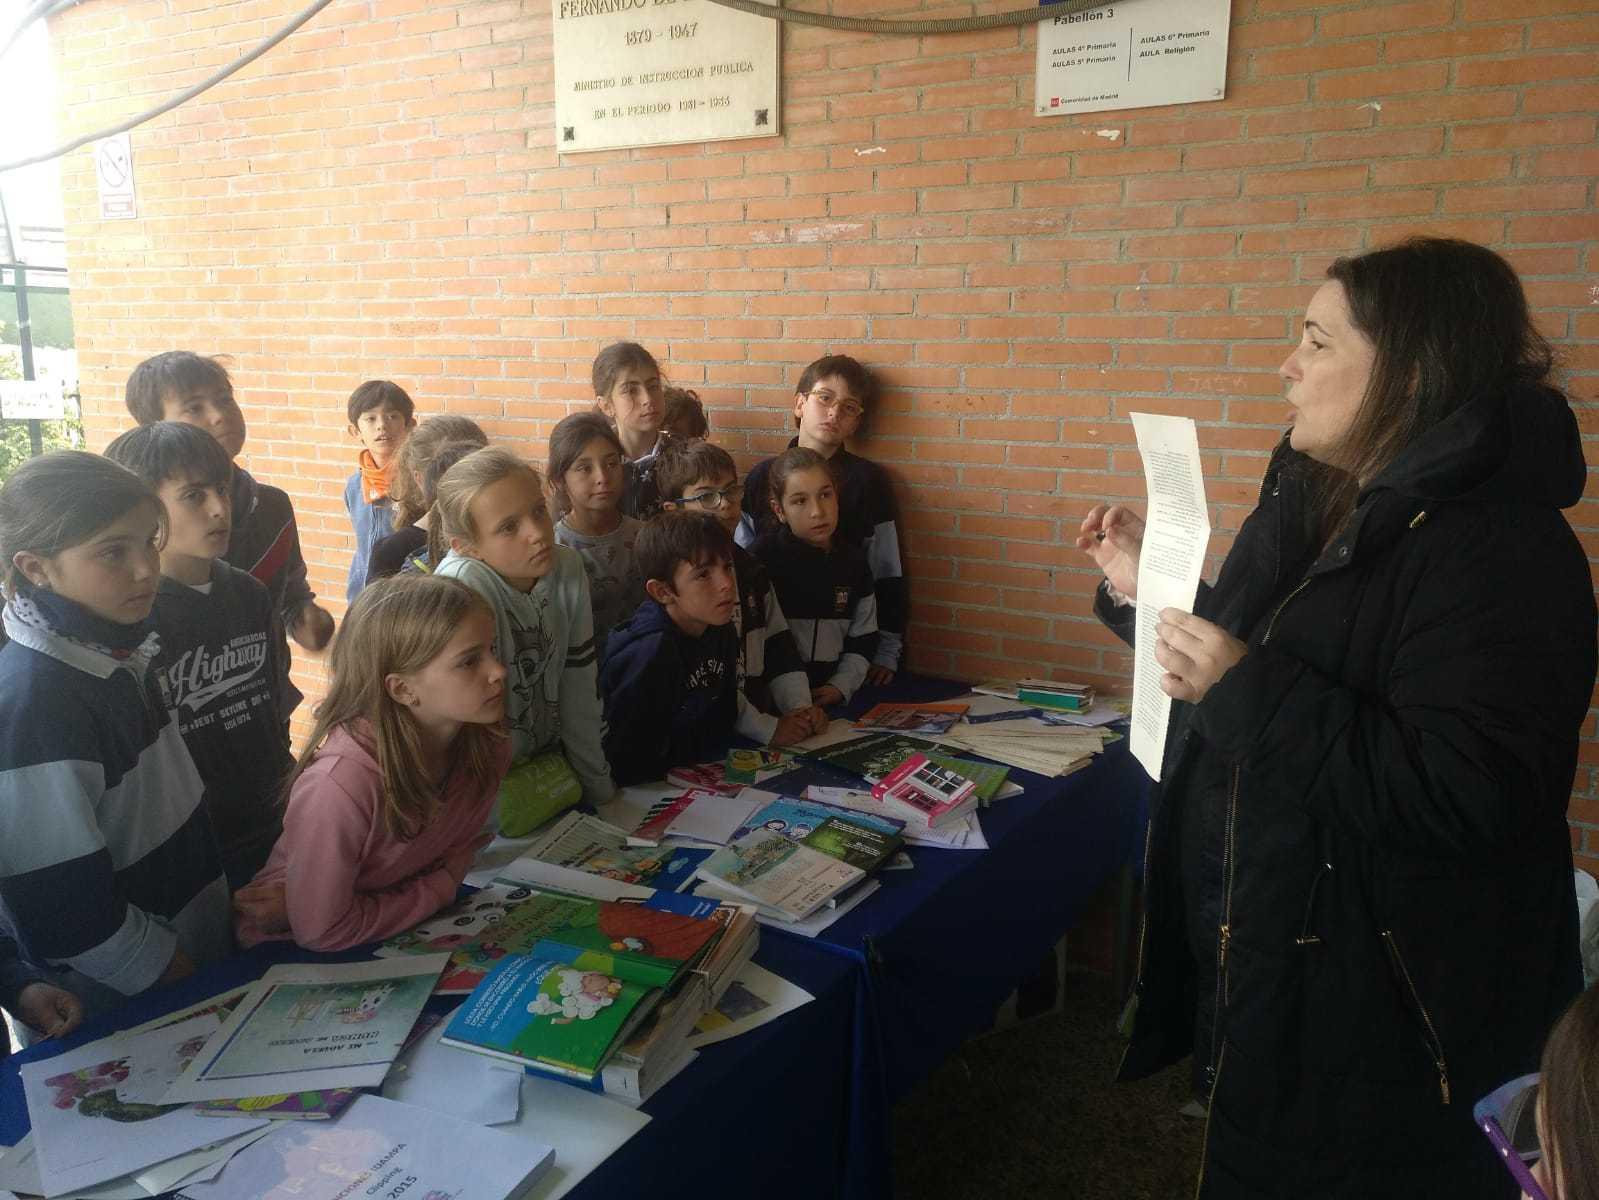 2019_04_02_Cuarto b en la miniferia del Fernando de los ríos_CEIP FDLR_Las Rozas